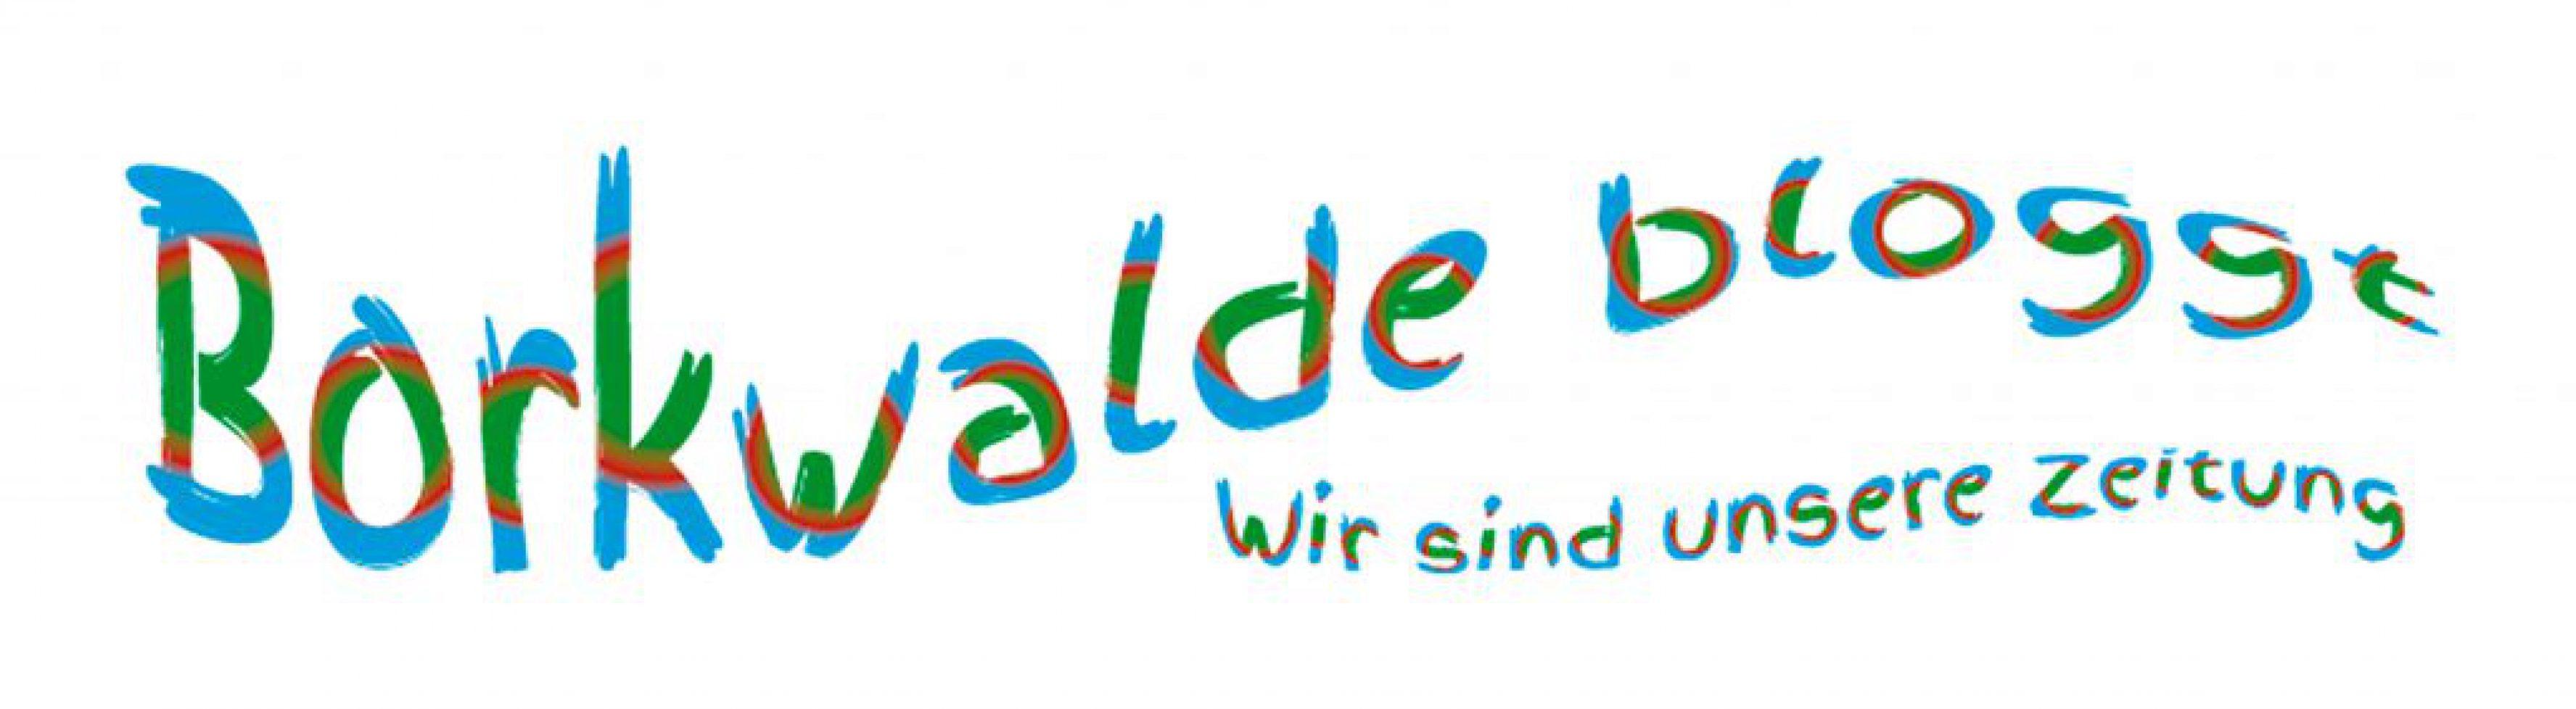 BorkwaldeBloggt-r